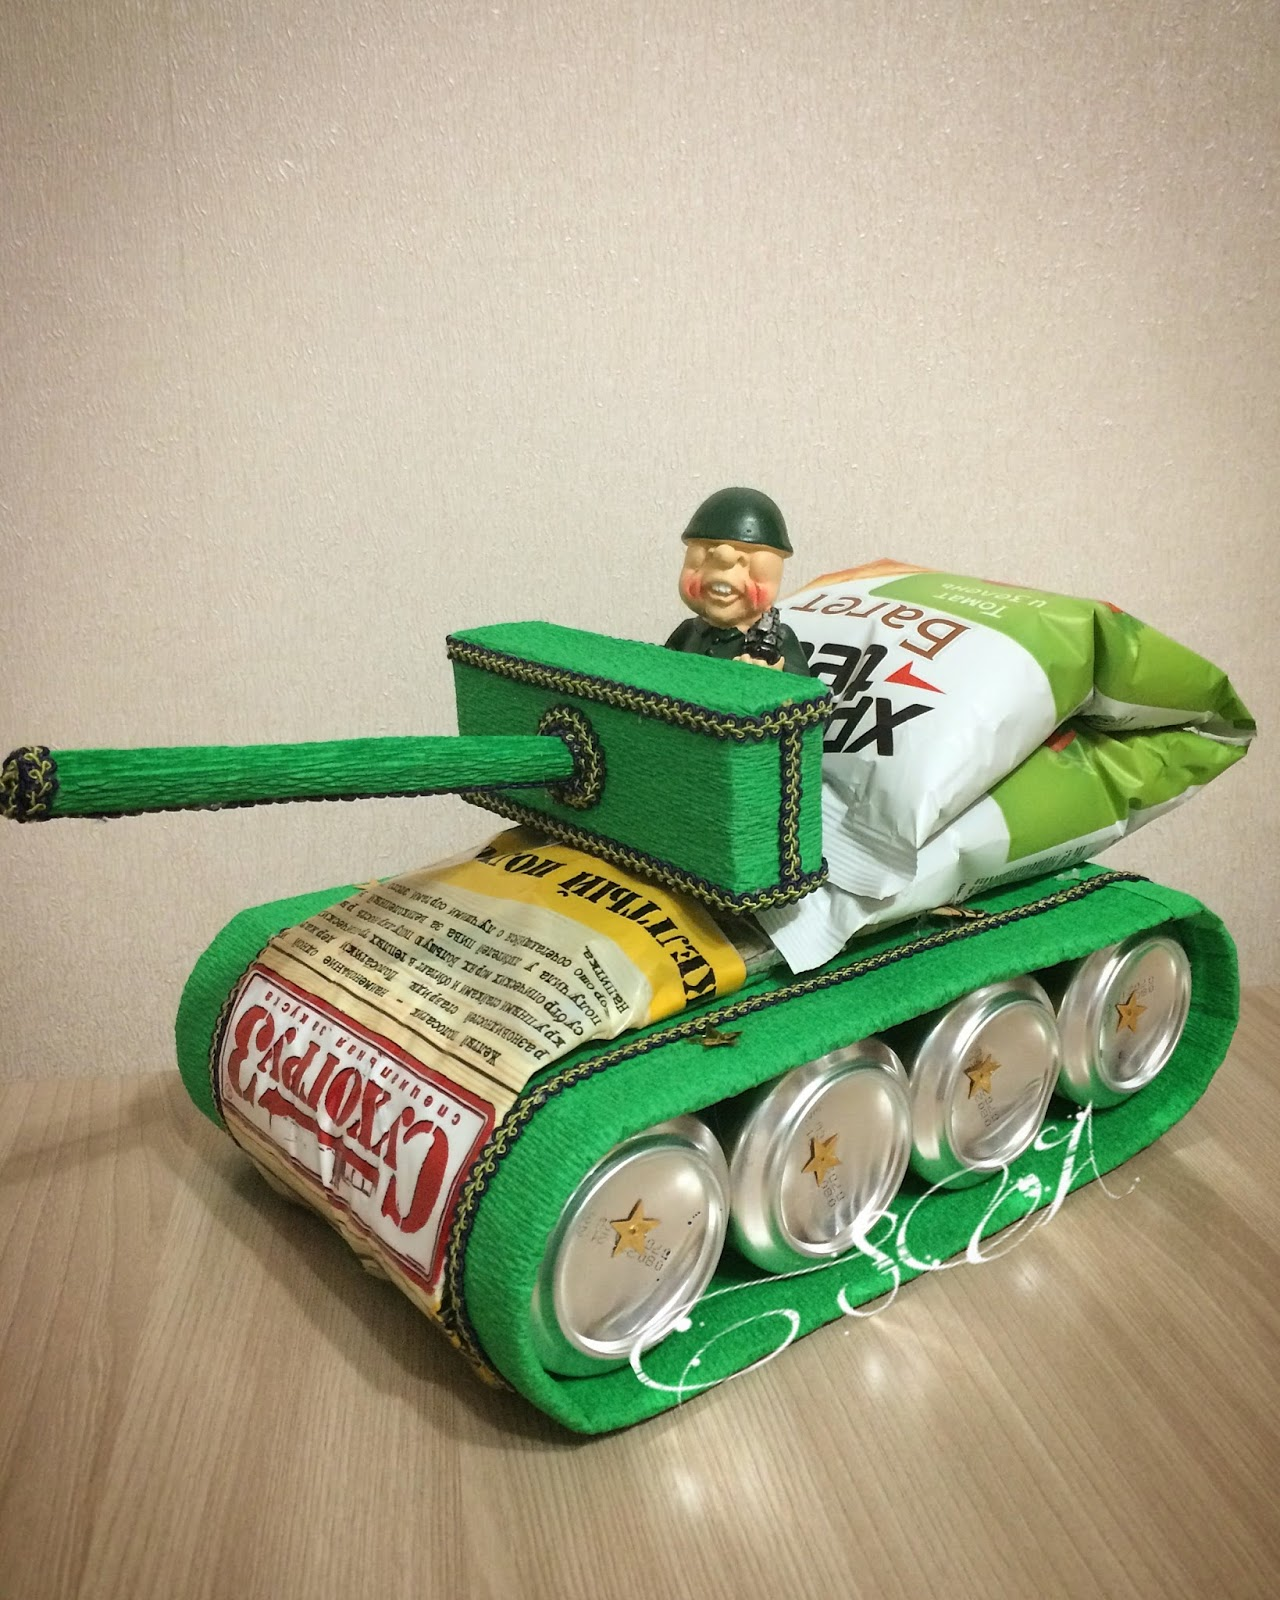 ❶Подарок на 23 февраля танк из пива|Стих поздравление дедушке с 23 февраля|Подарок мужчине. Танк из трусов. :)) - YouTube | Своими руками | Pinterest||}